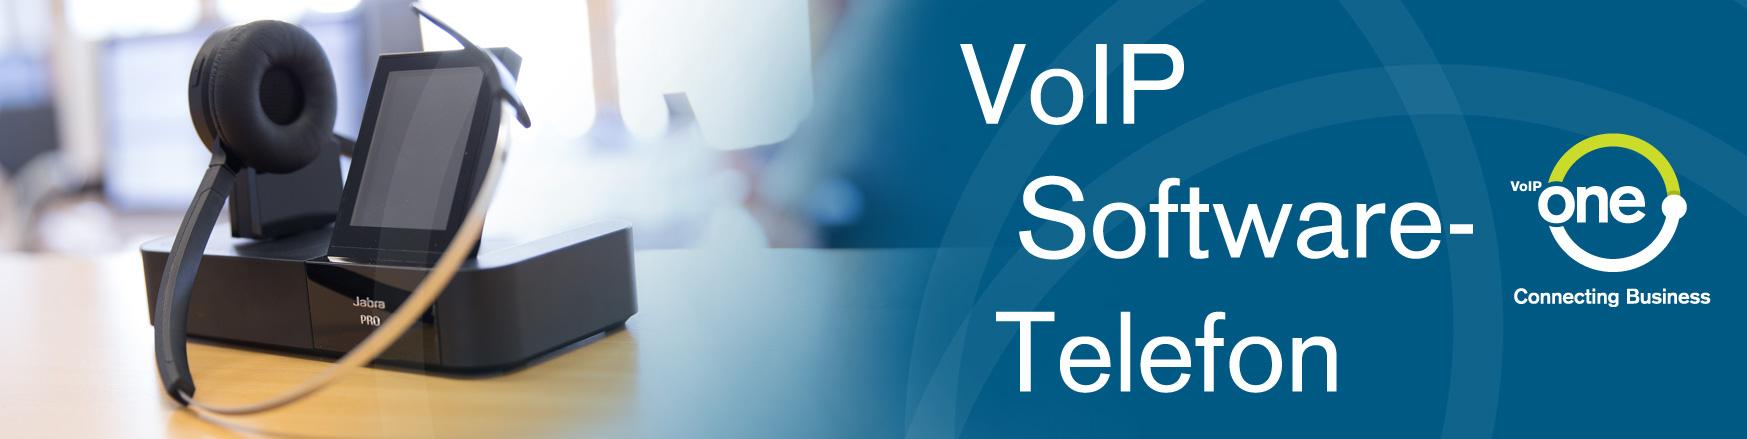 VoIP-Einführung - Software-Telefon